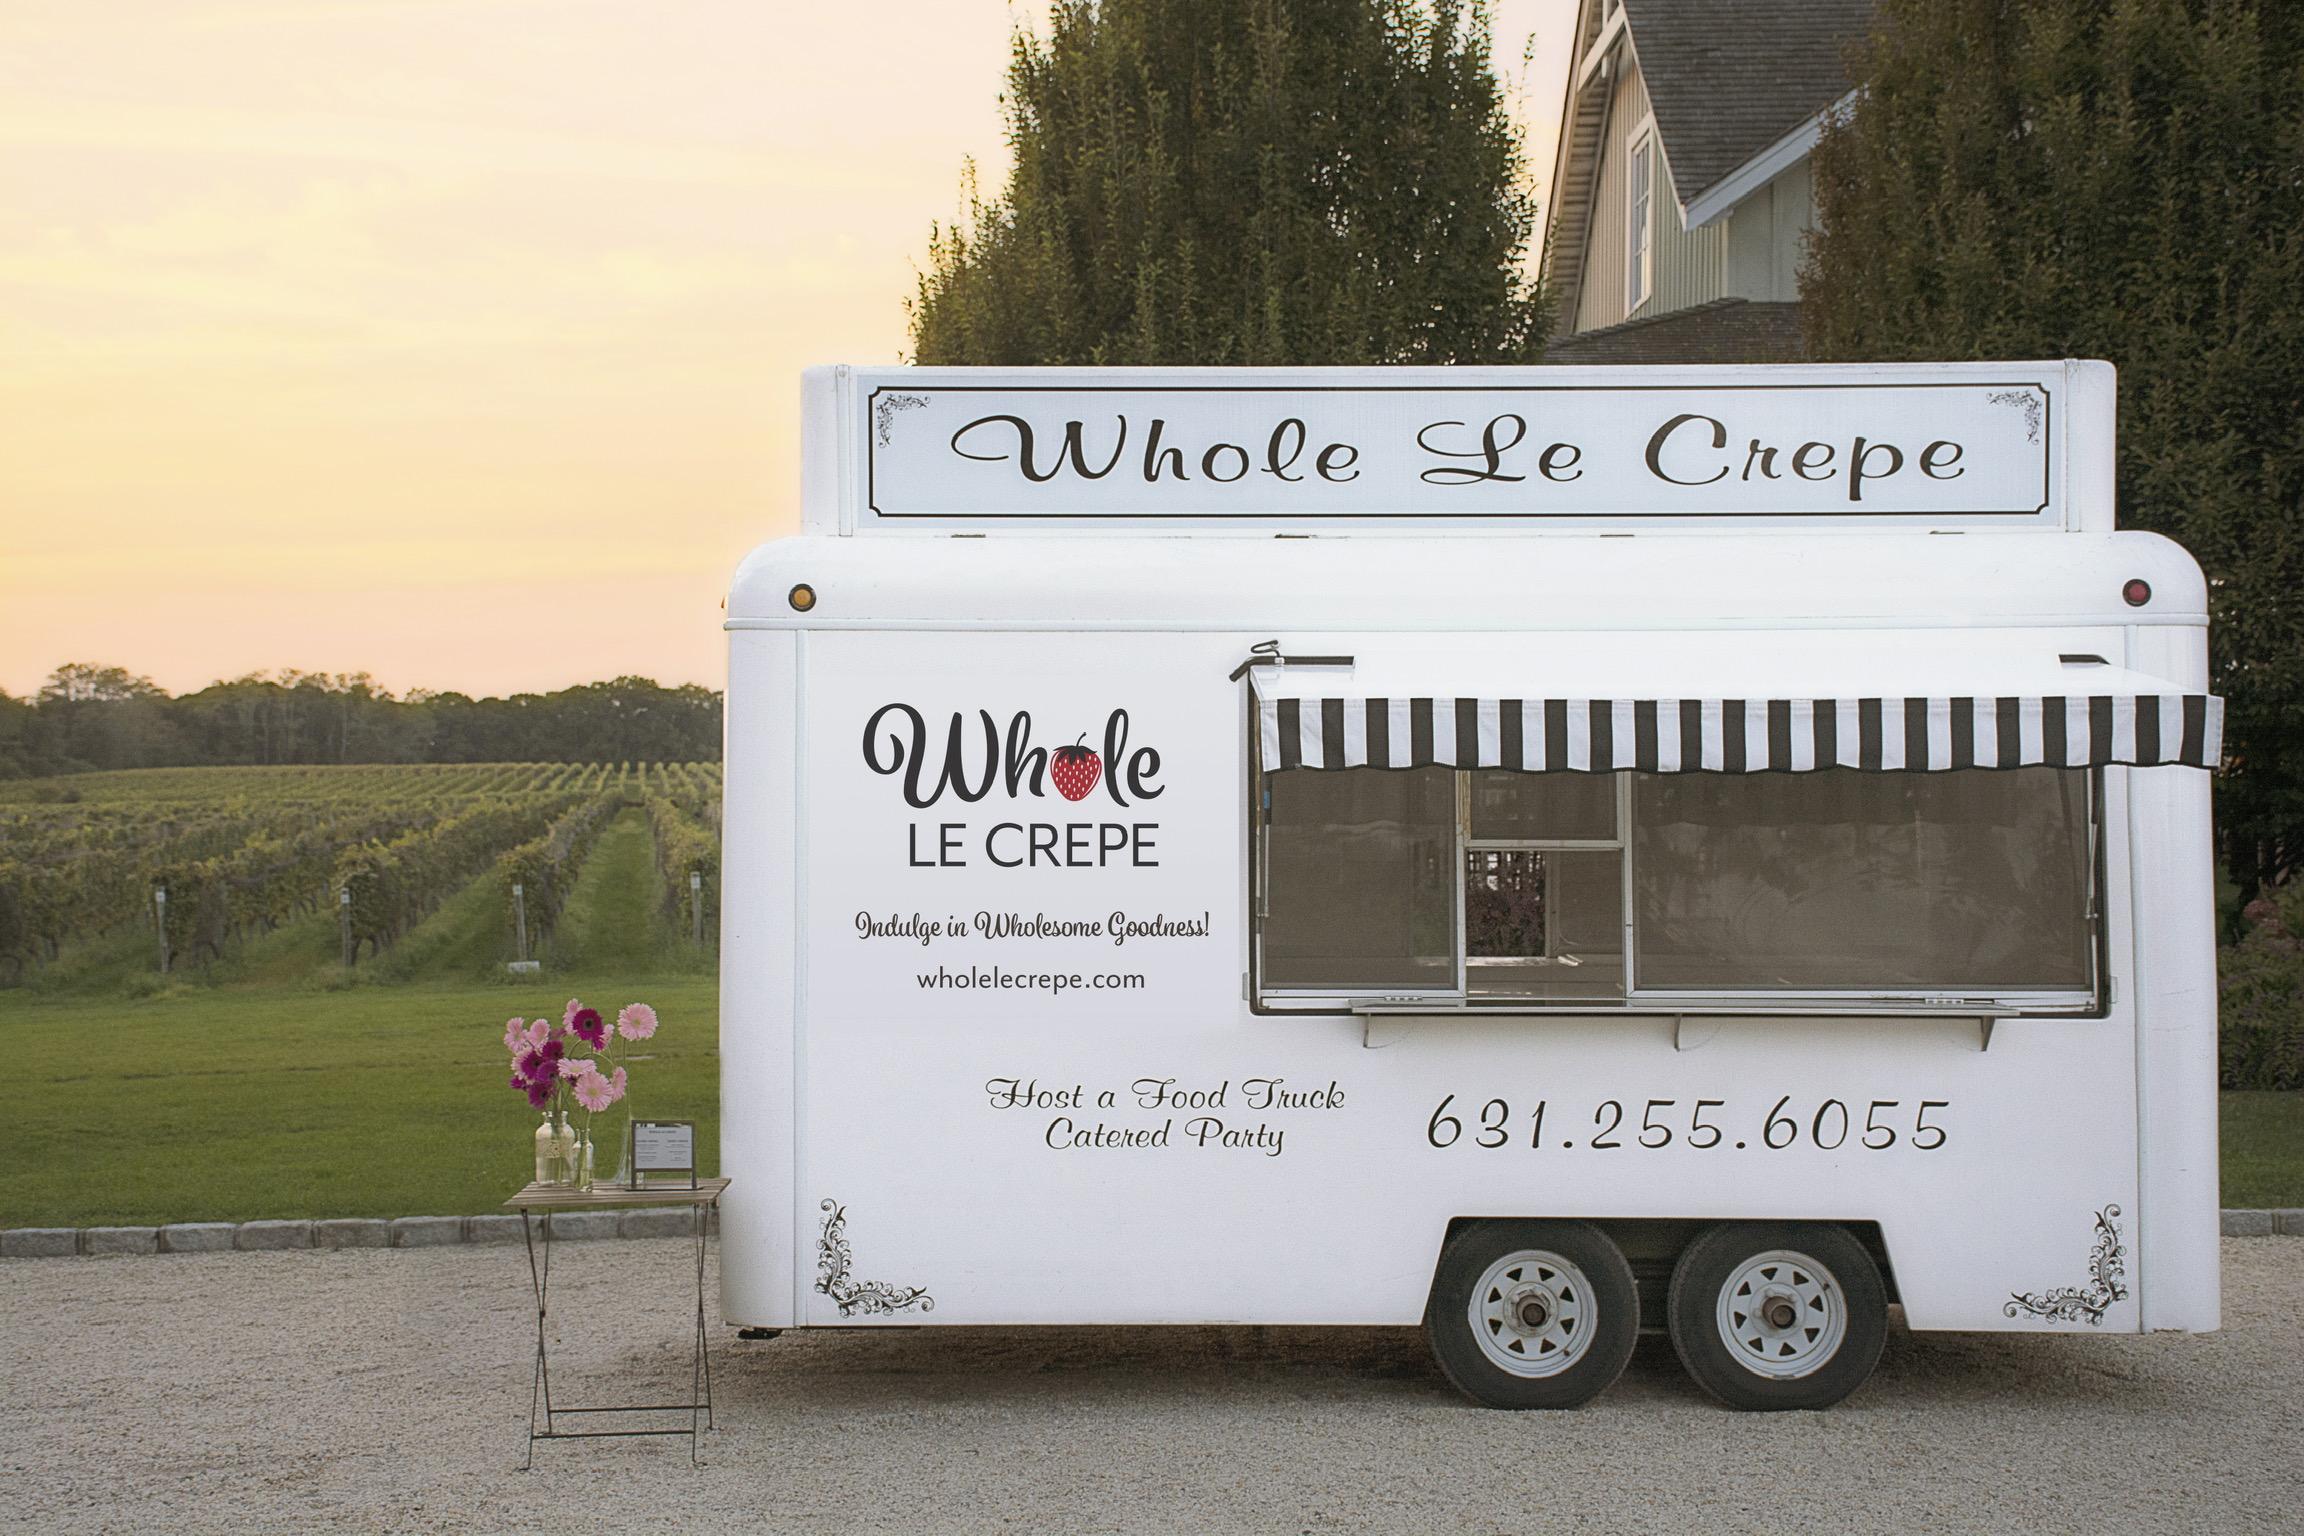 Whole Le Crepe Food Truck